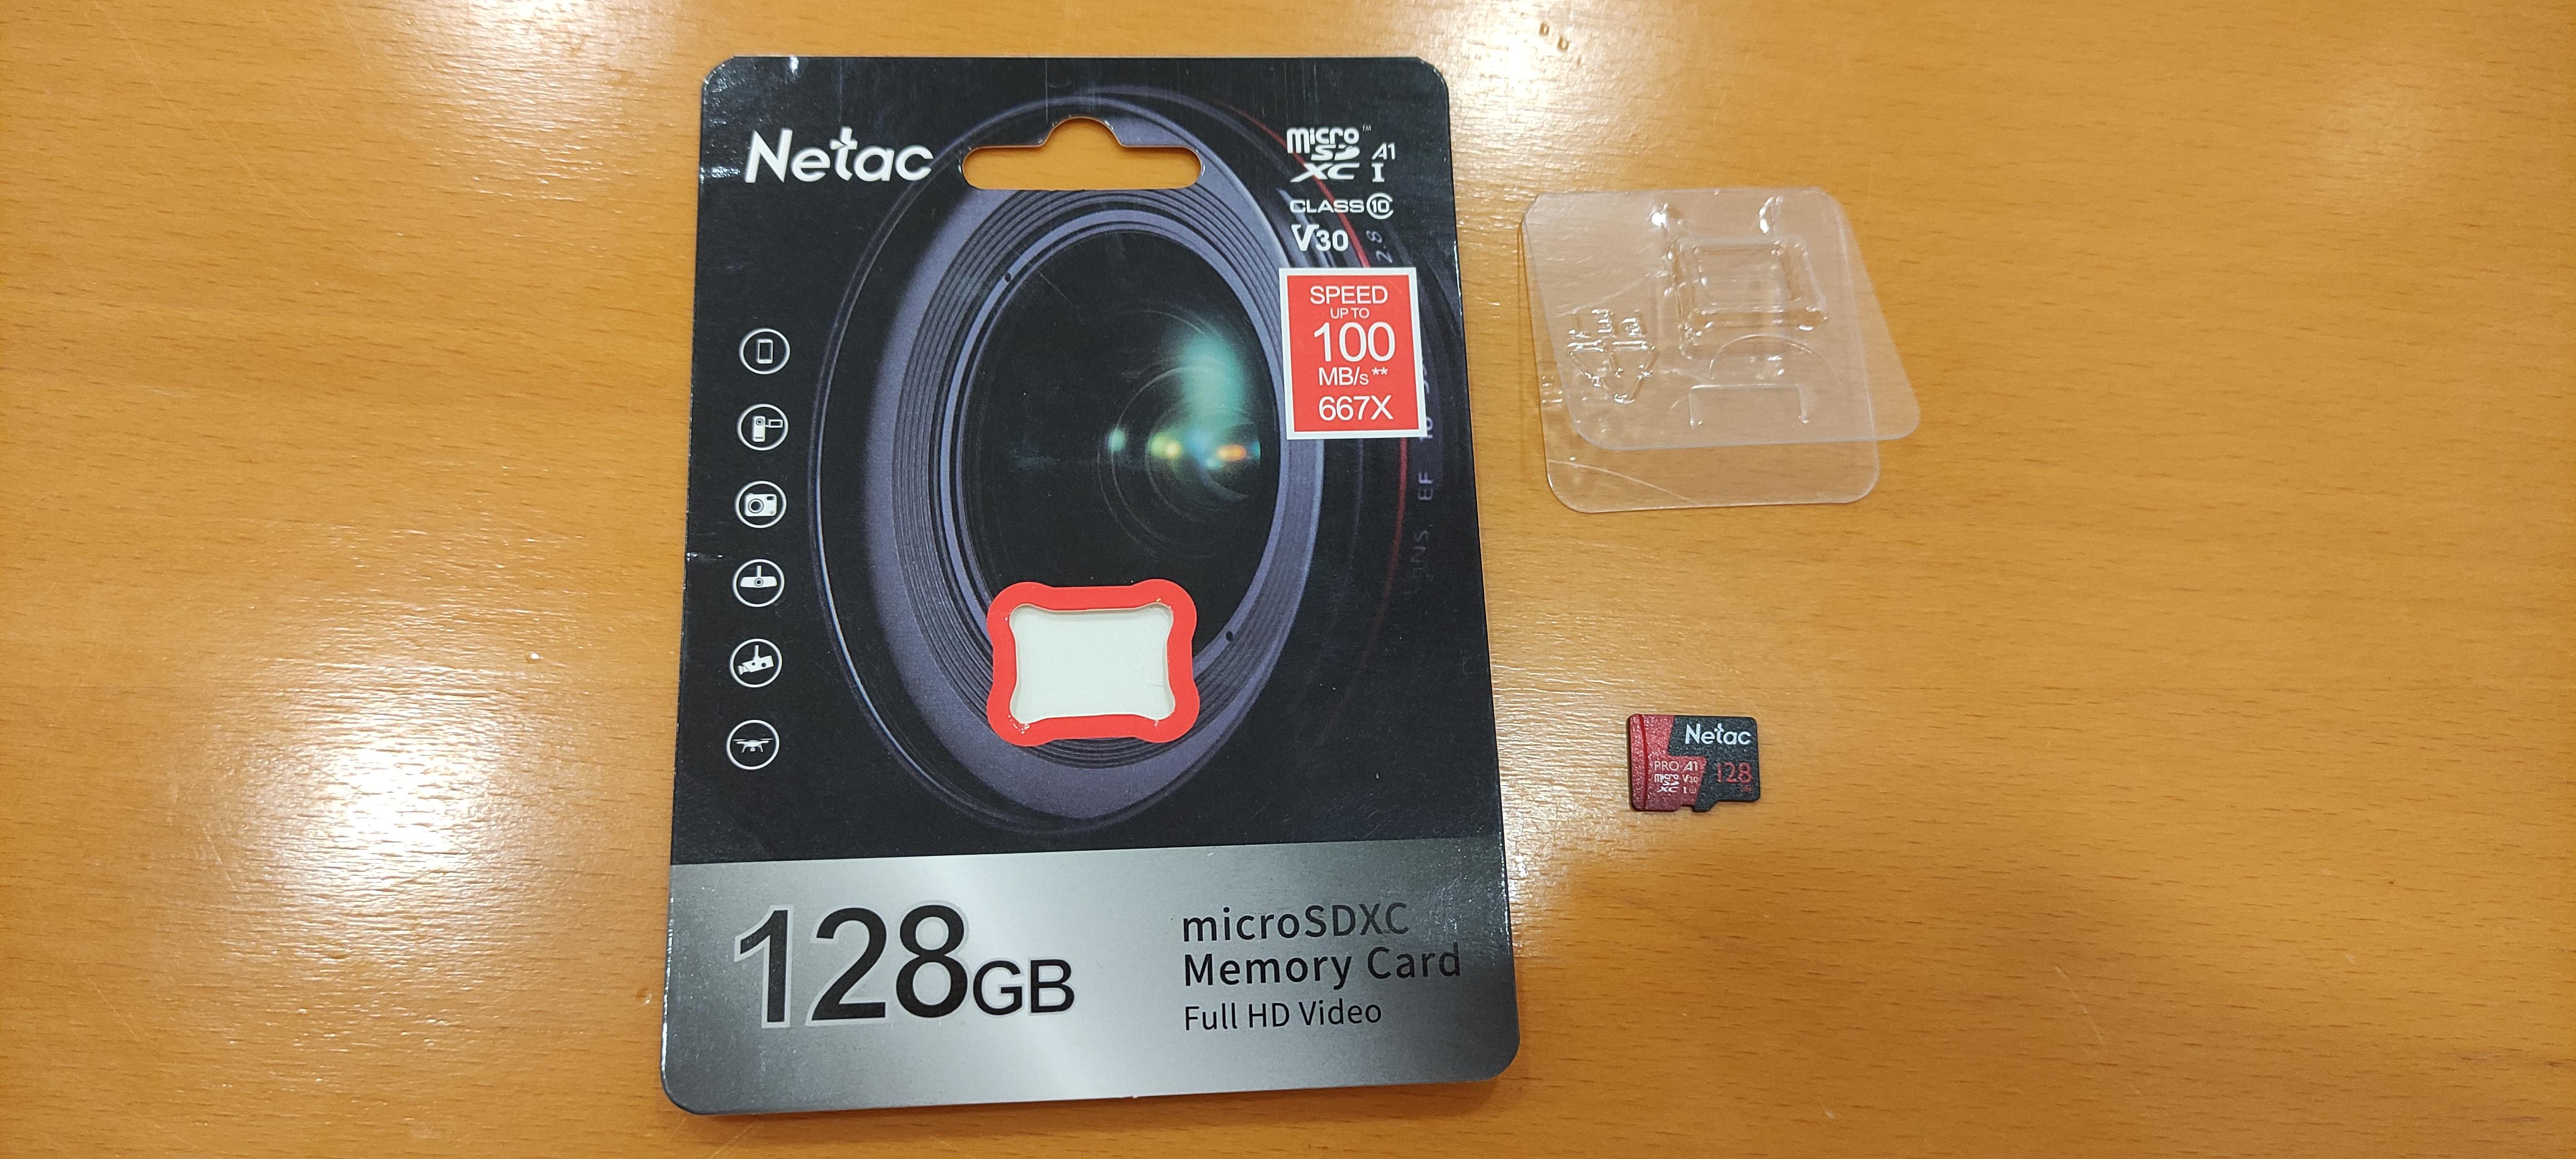 Обзор карты памяти microSDXC NETAC P500 Extreme Pro 128GB (NT02P500PRO-128G-S)